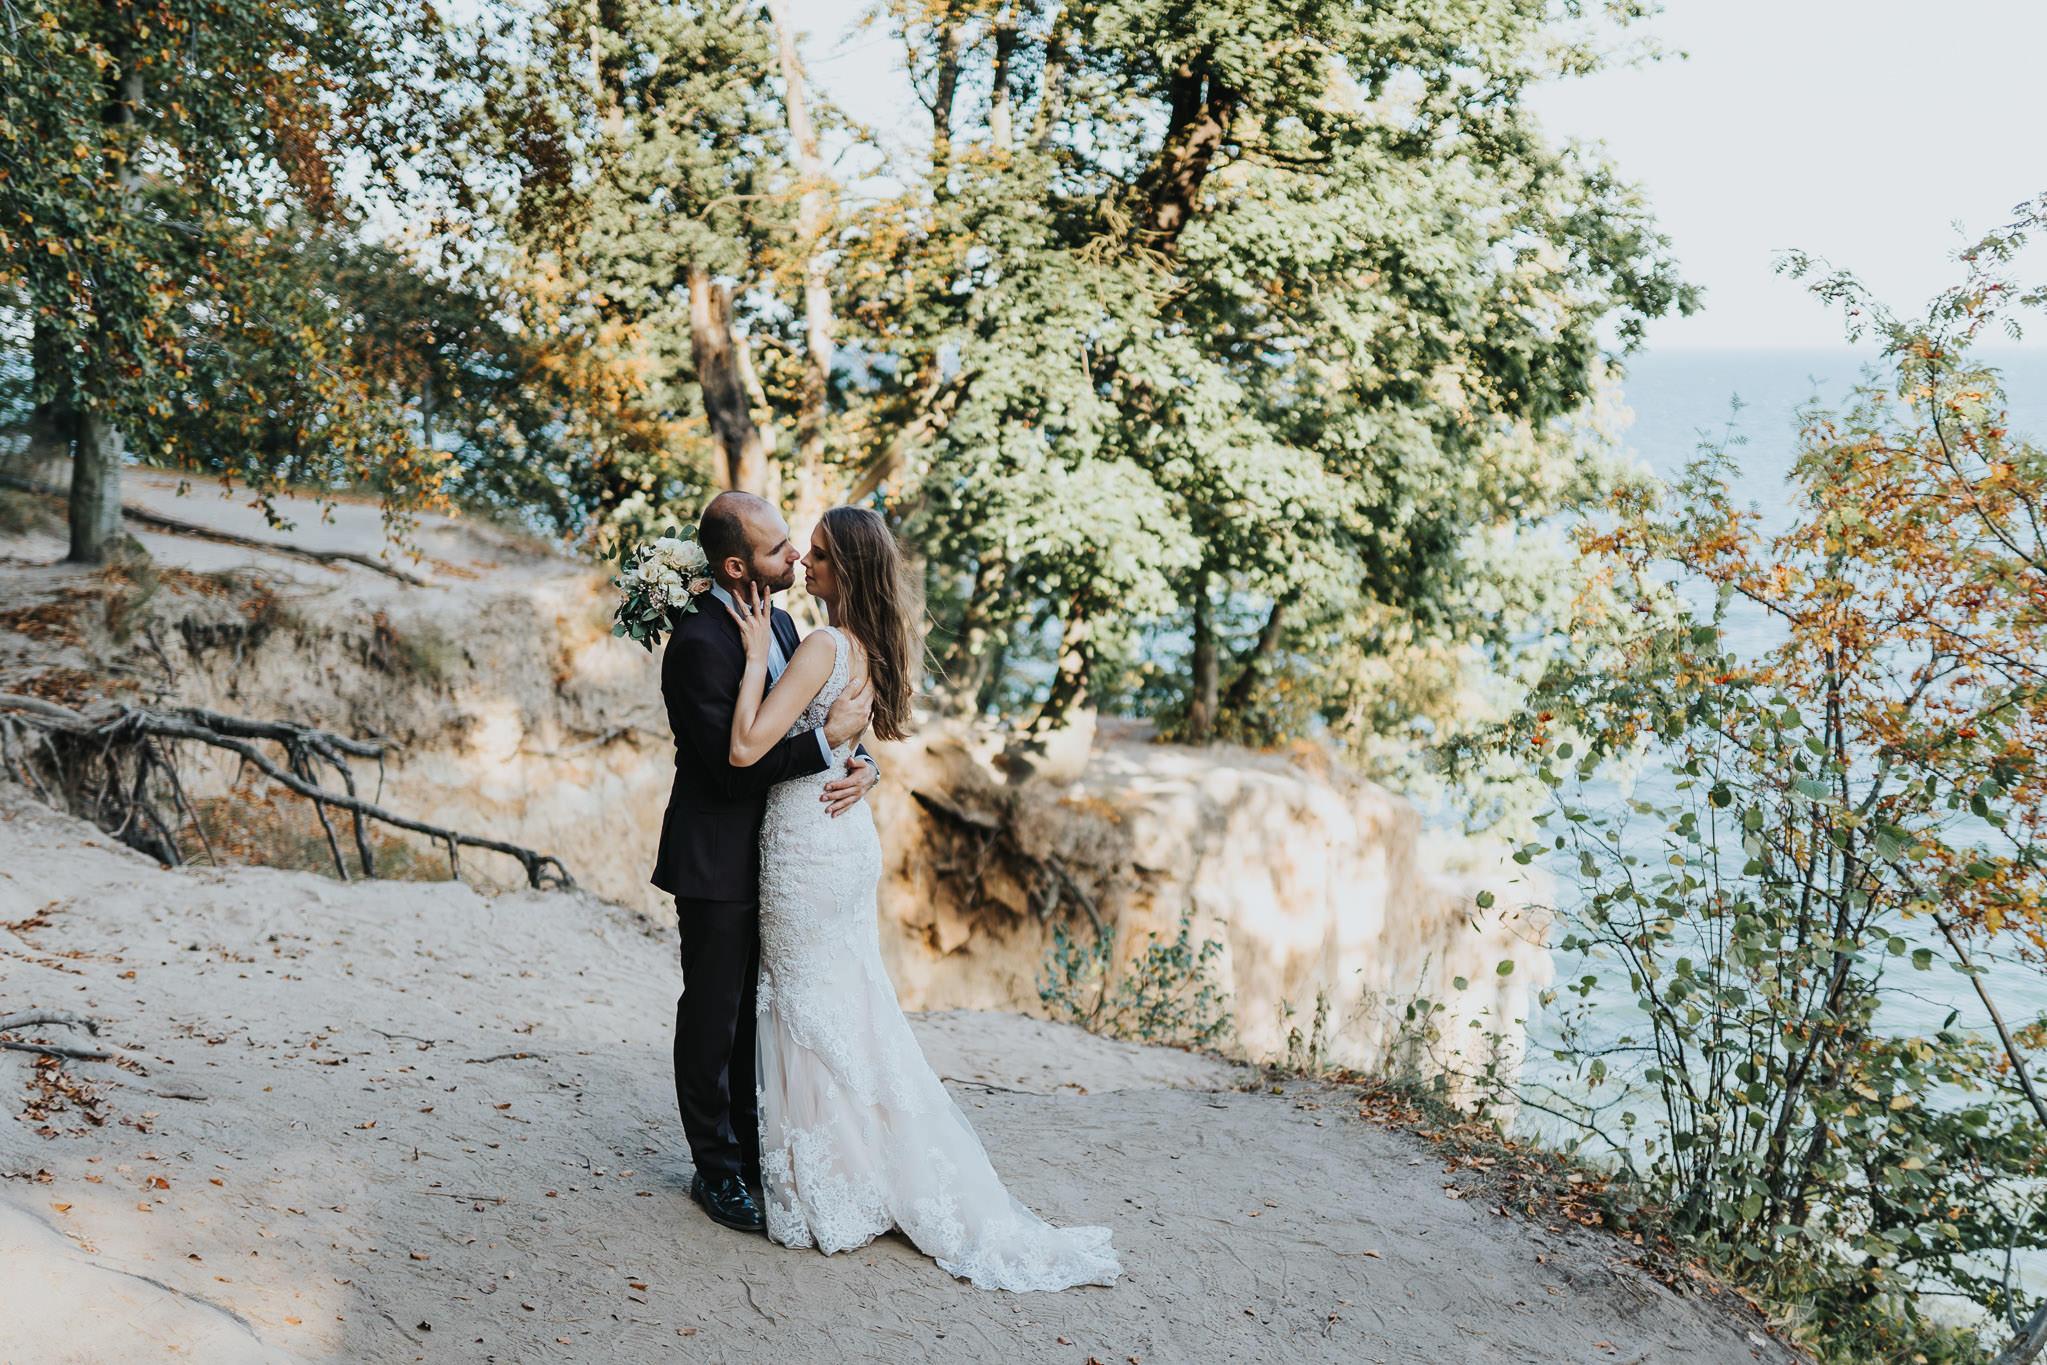 Sesja poślubna w Gdyni 314